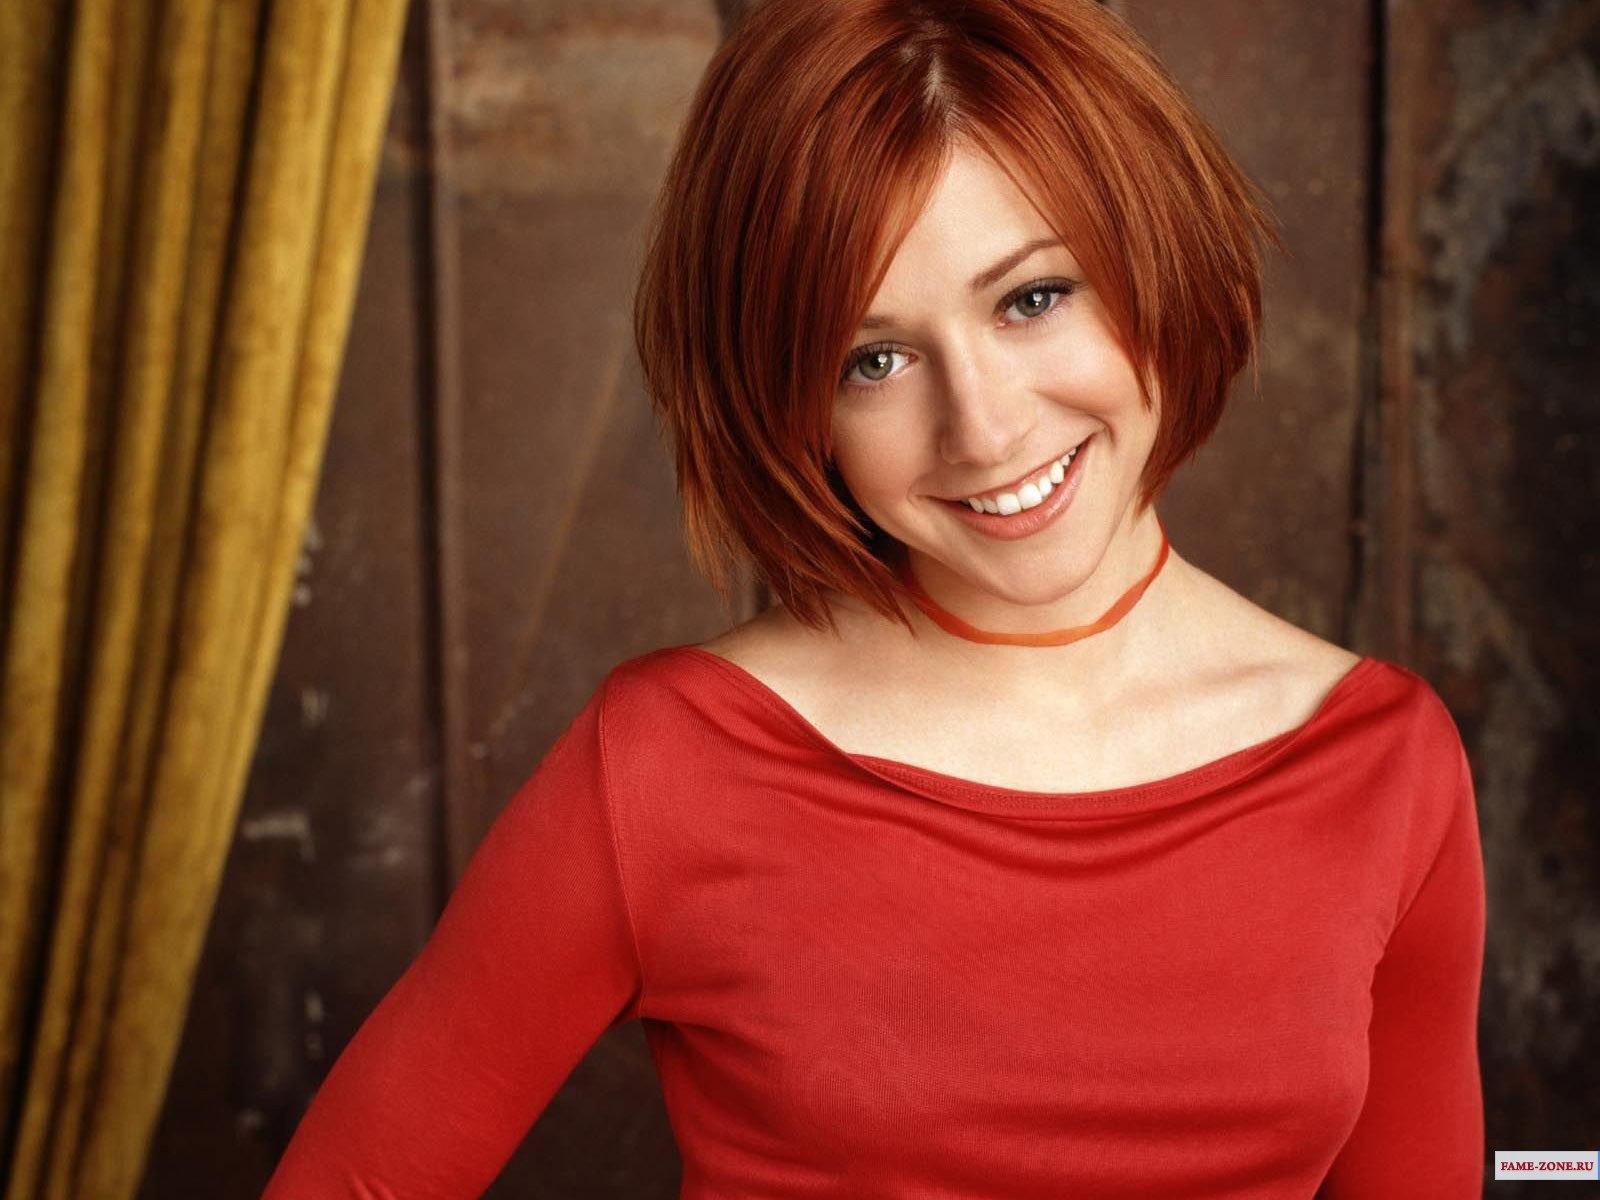 Рыженькие с короткими волосами 2 фотография